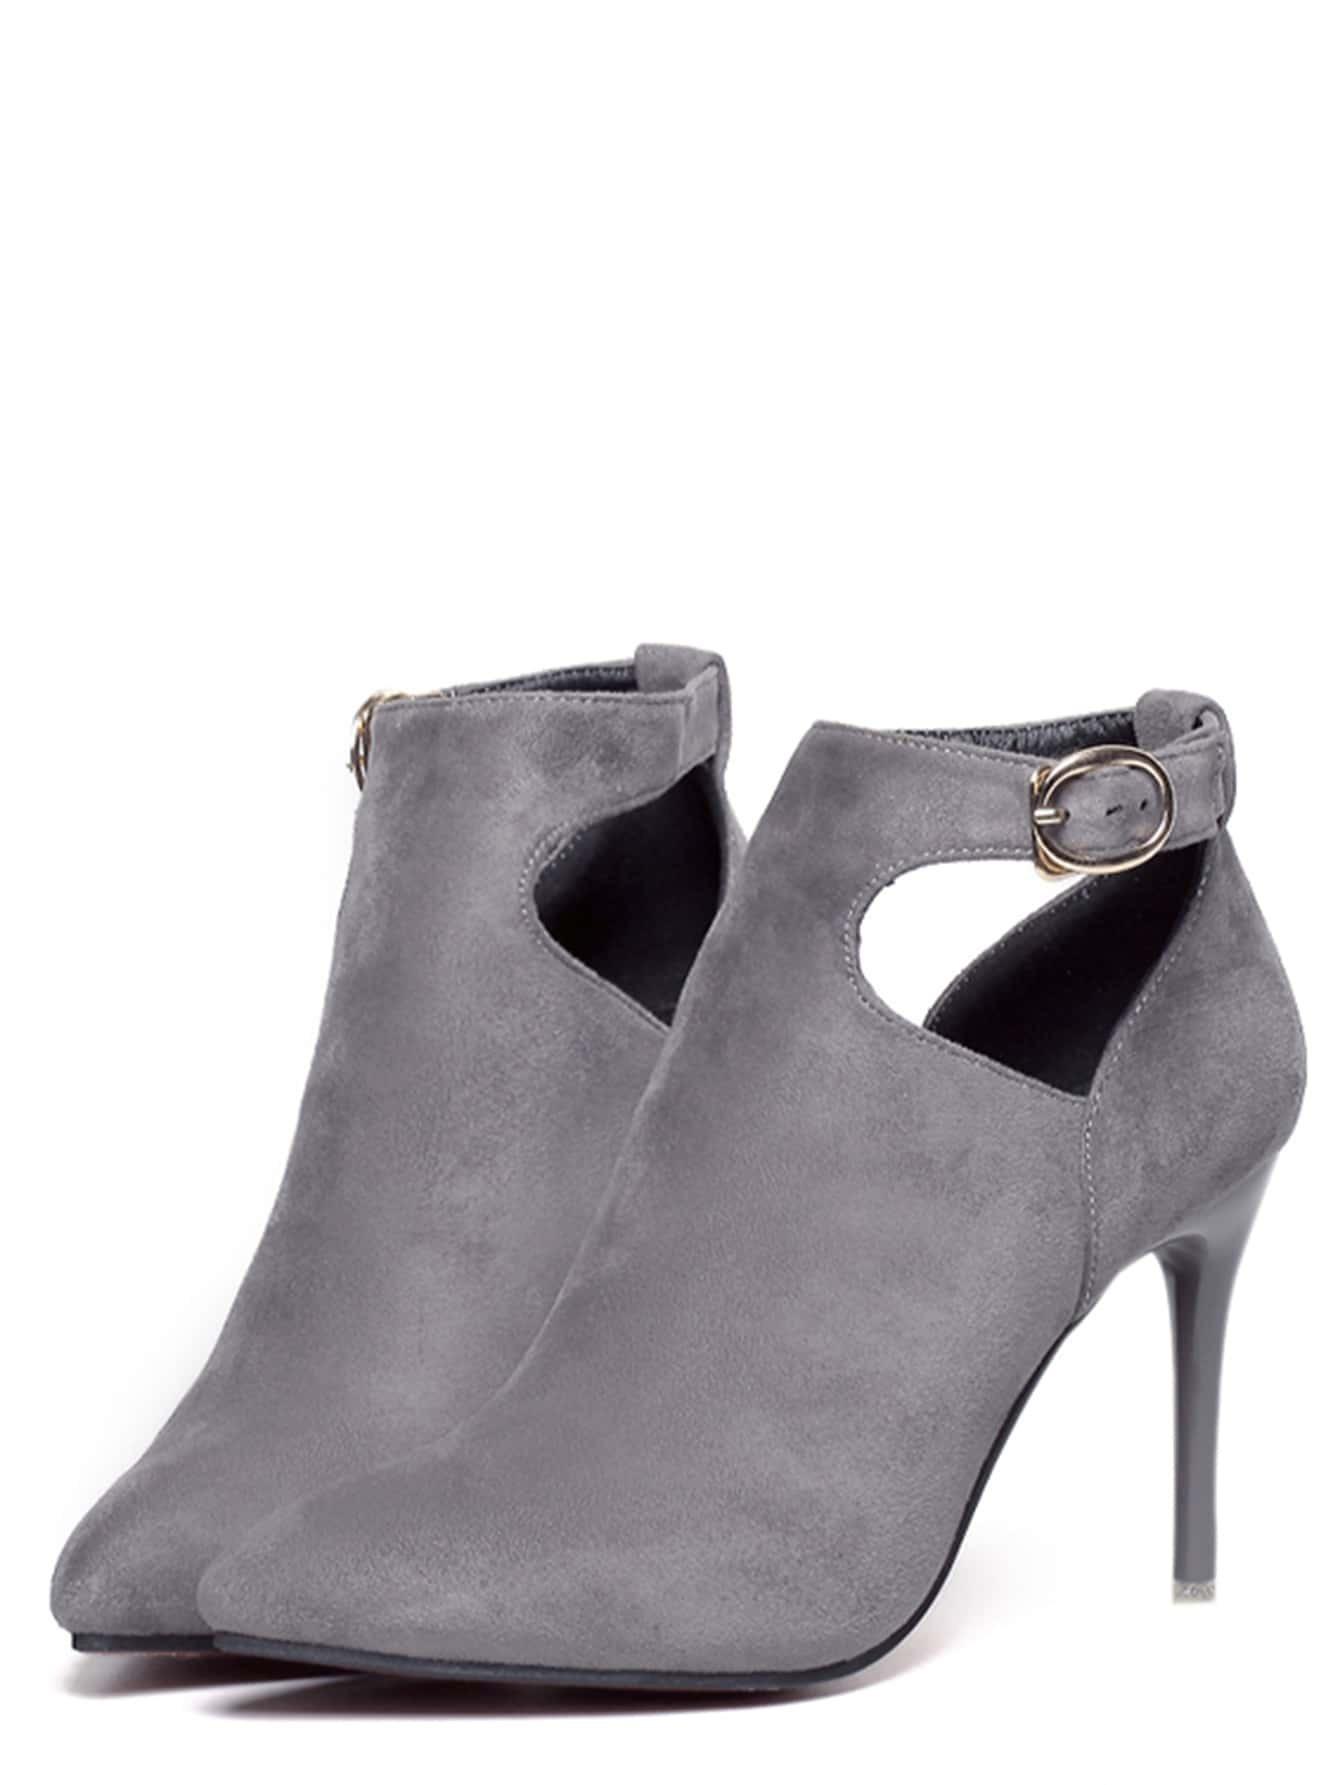 shoes160831811_2